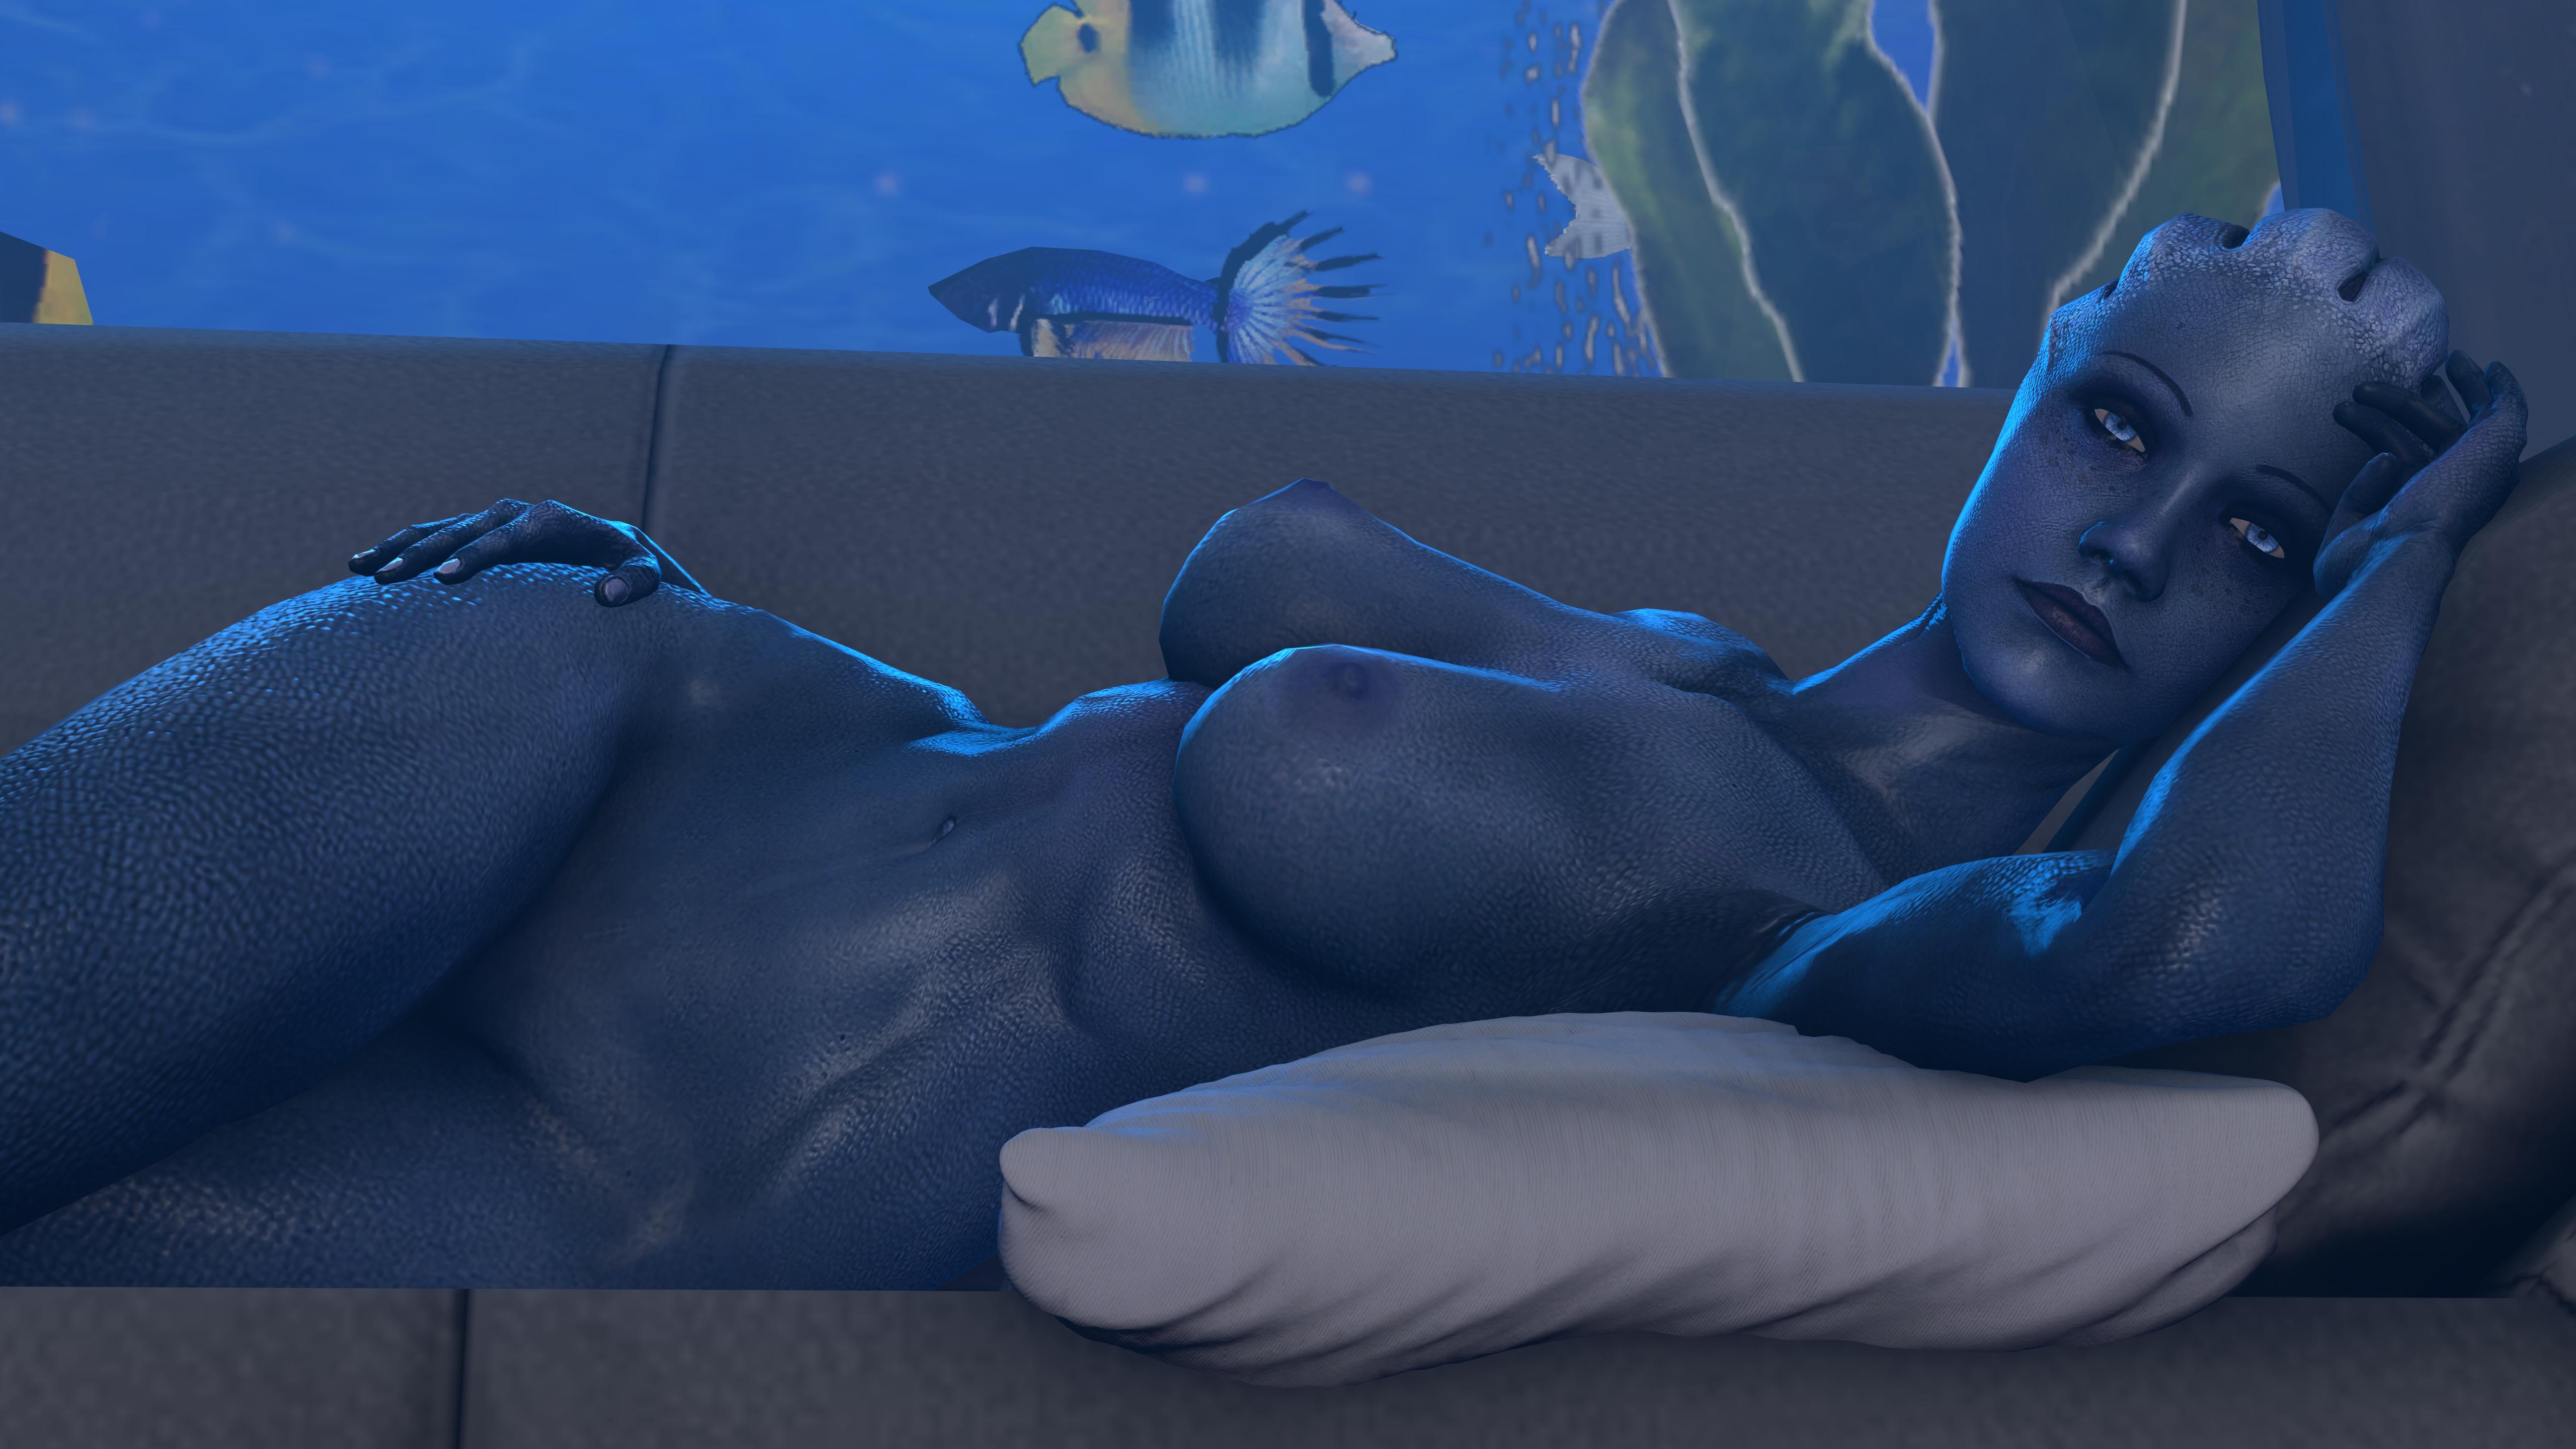 Mass effect nude art nackt pics